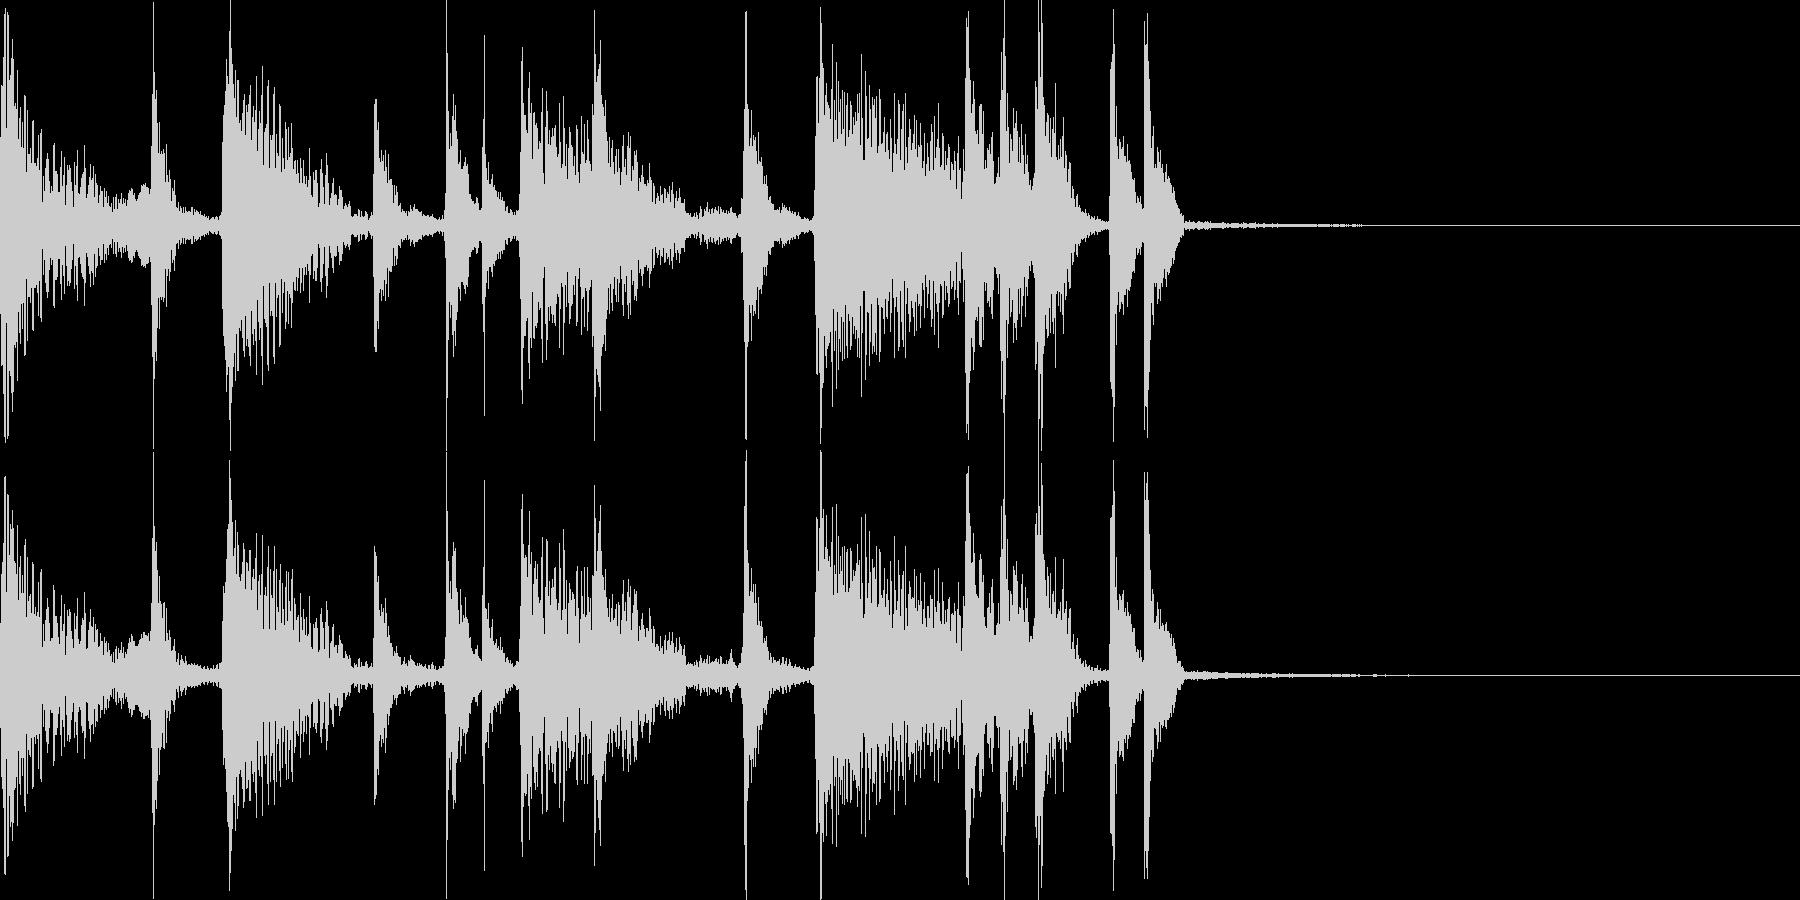 アコースティックなジングルの未再生の波形